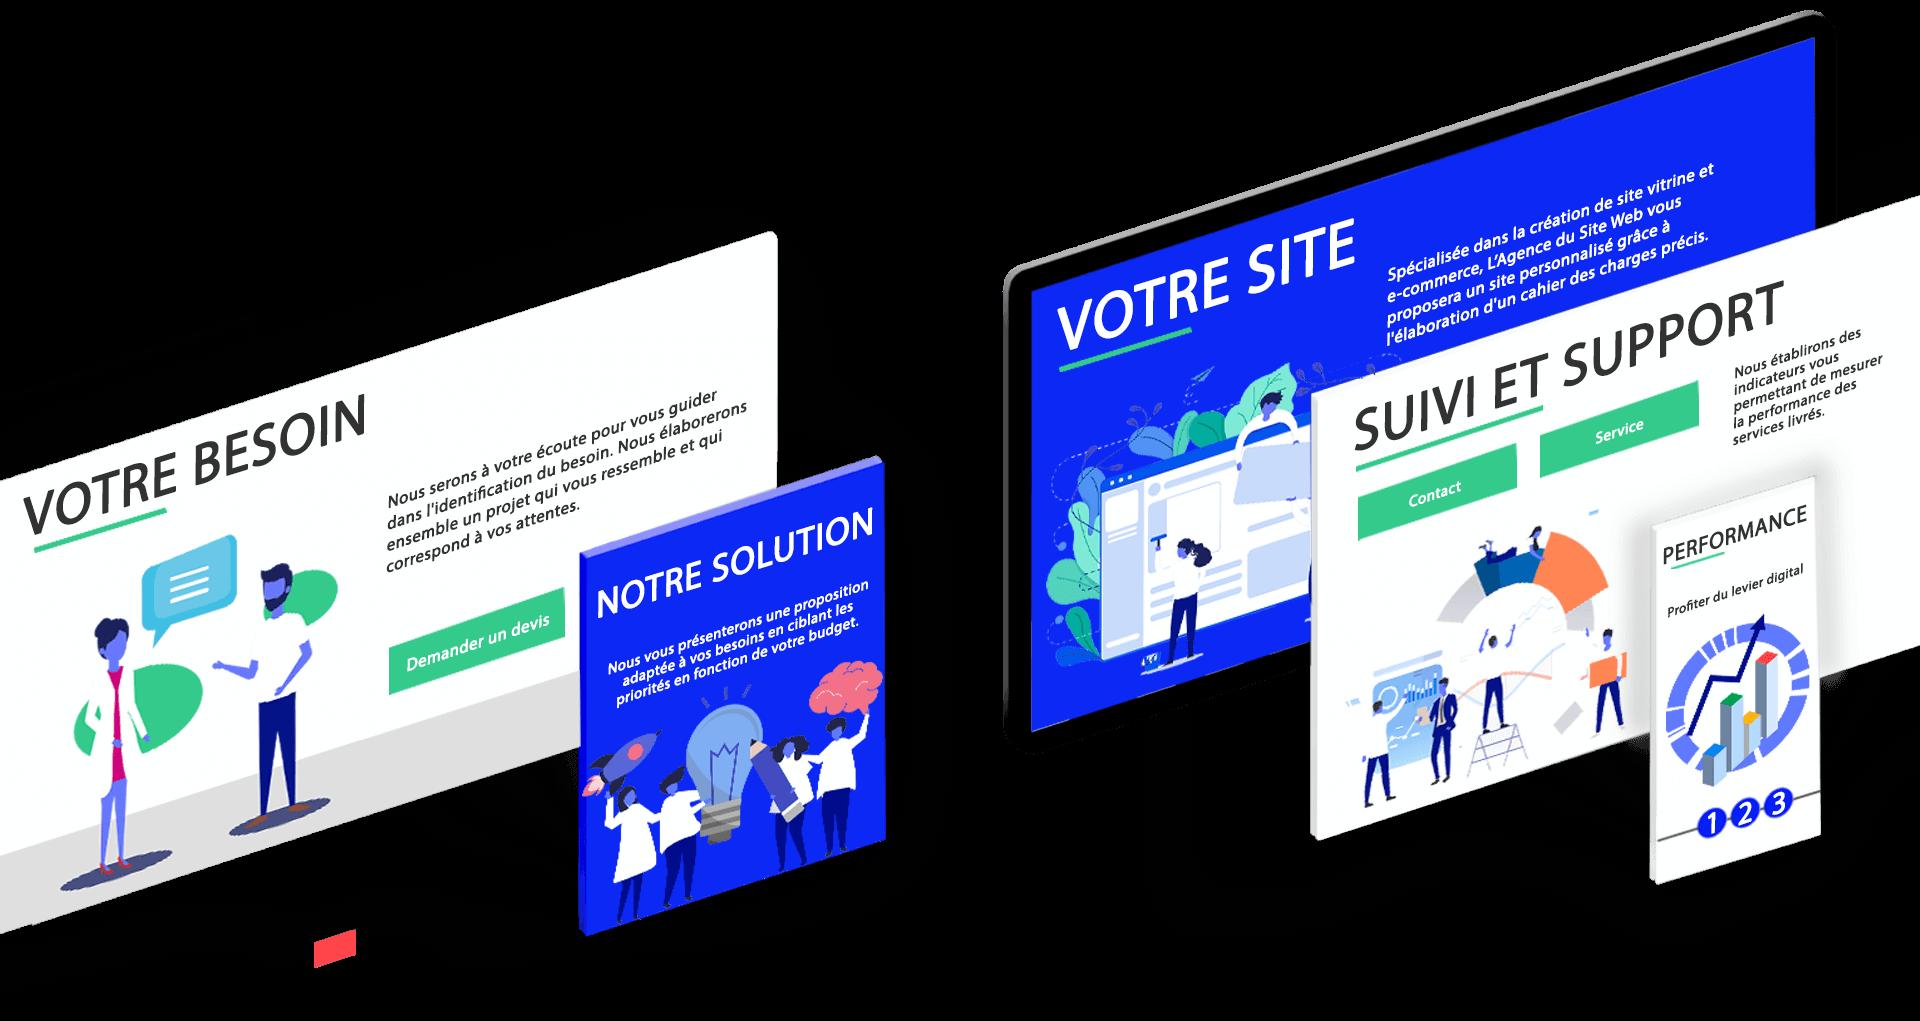 Agence du Site Web - Création et référencement de sites web et développement digital